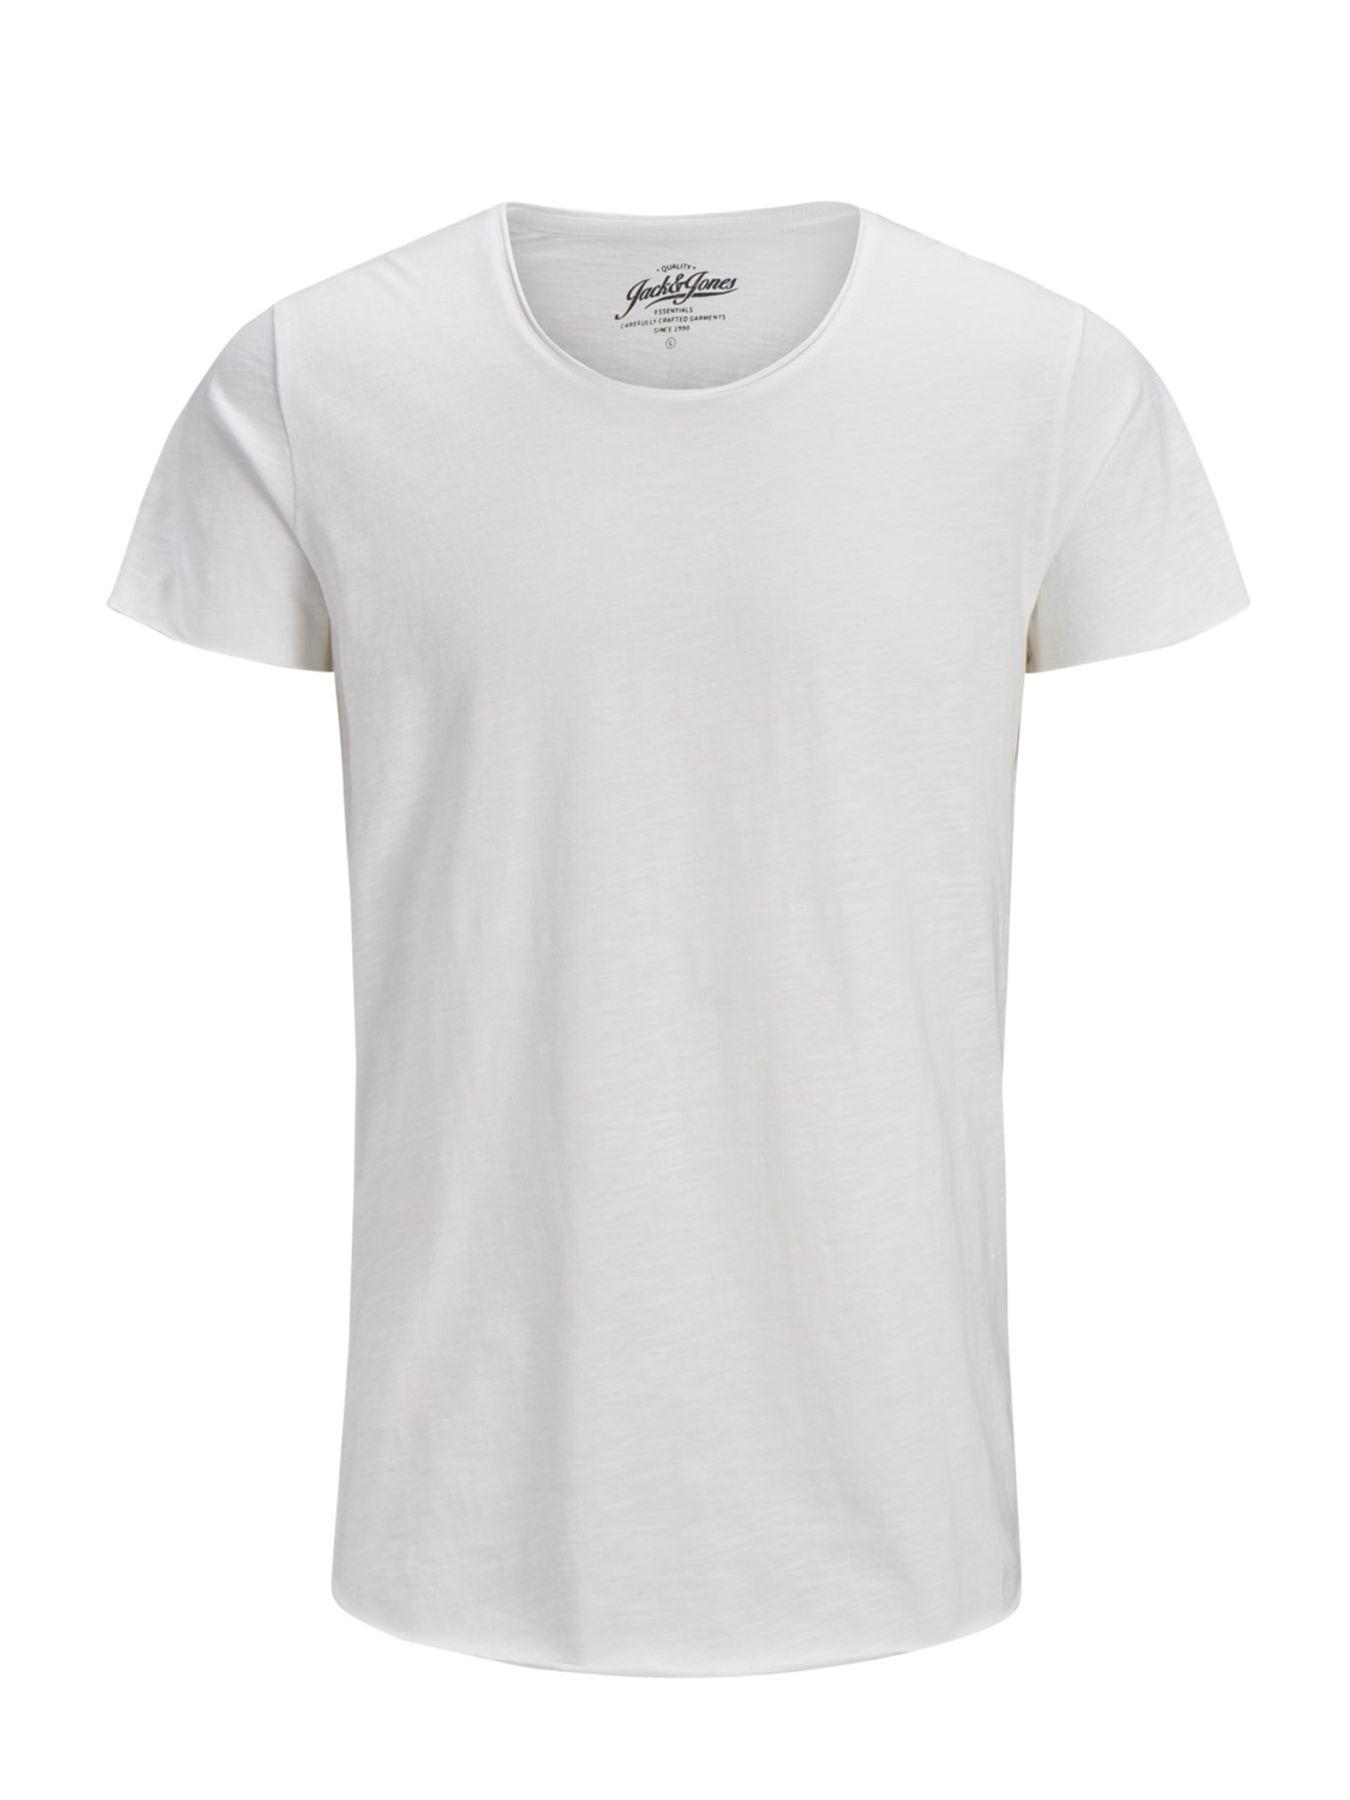 Jack & Jones - Herren T-shirt in verschiedenen Farben, (Art. 12136679) – Bild 6